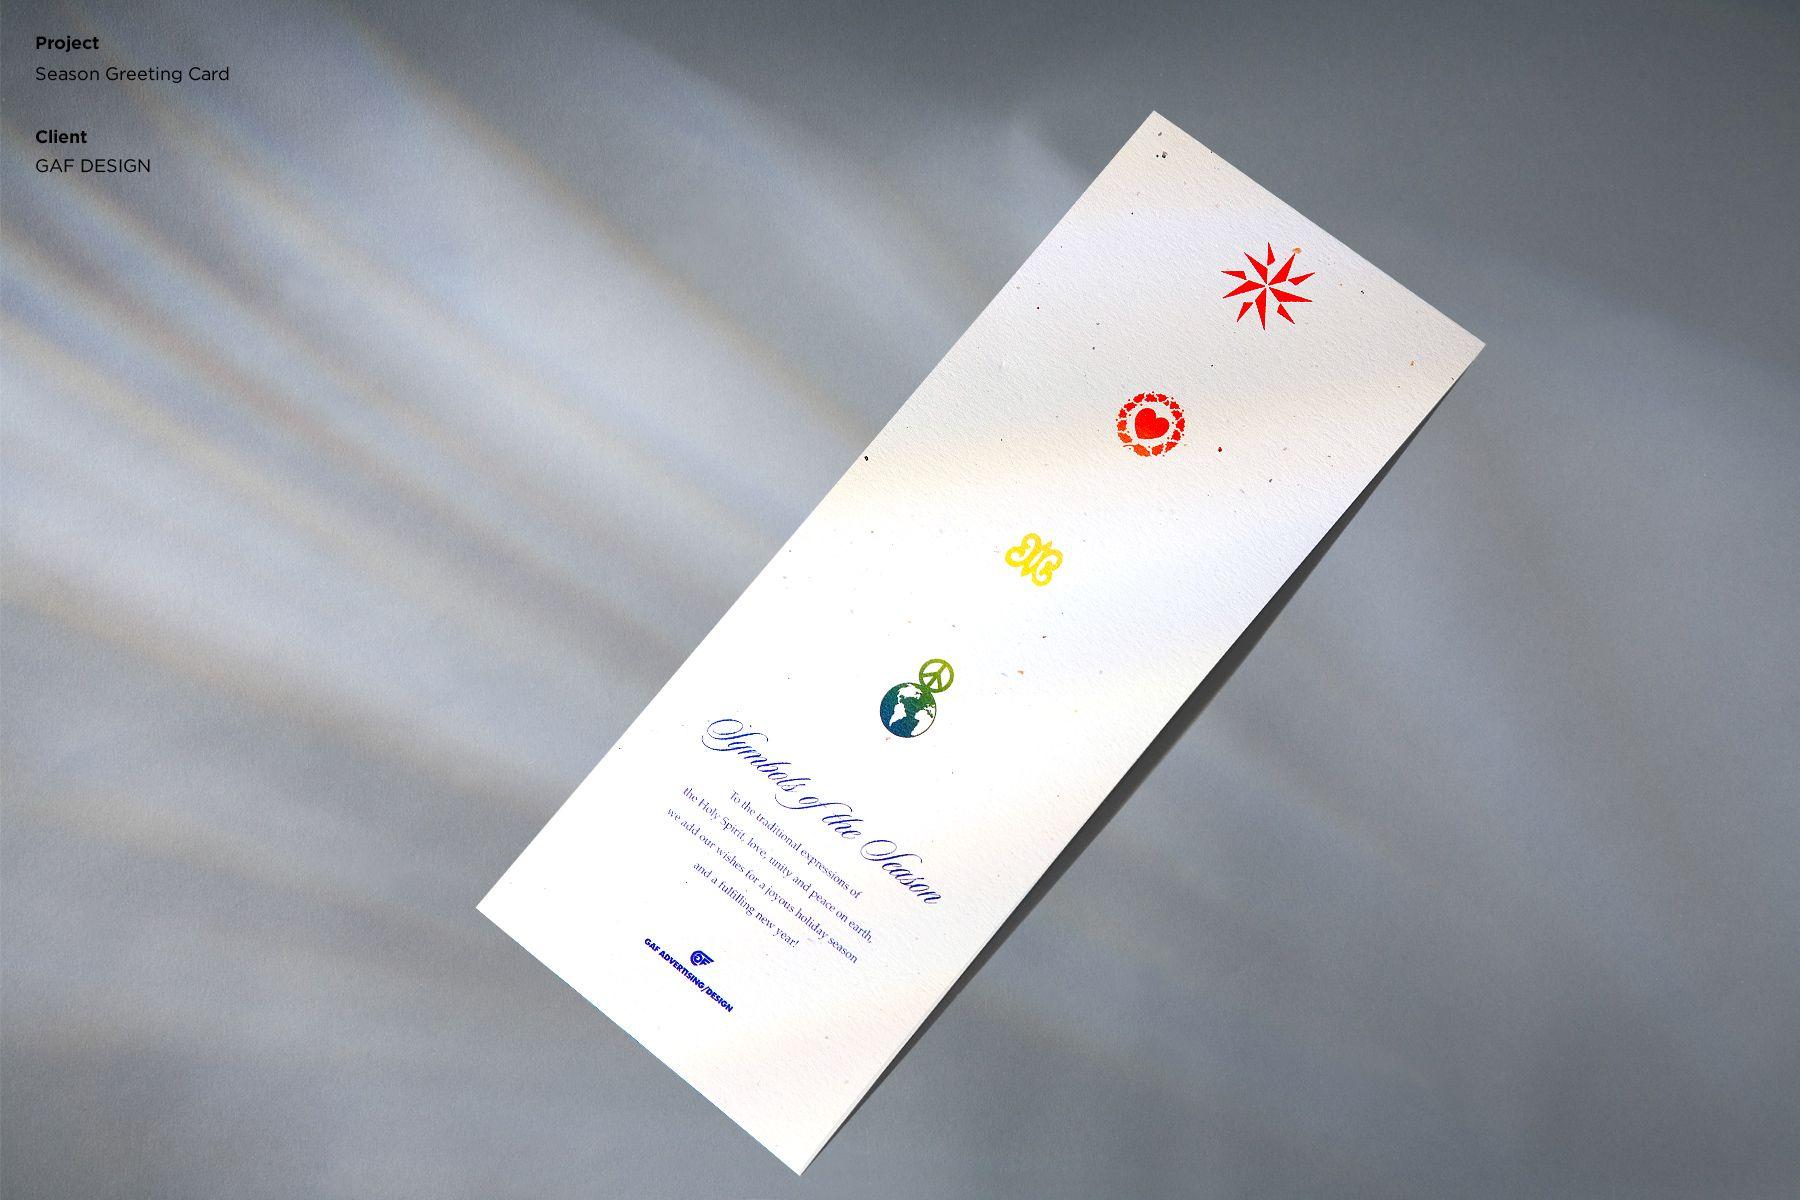 GAF-Xmas-Card.jpg